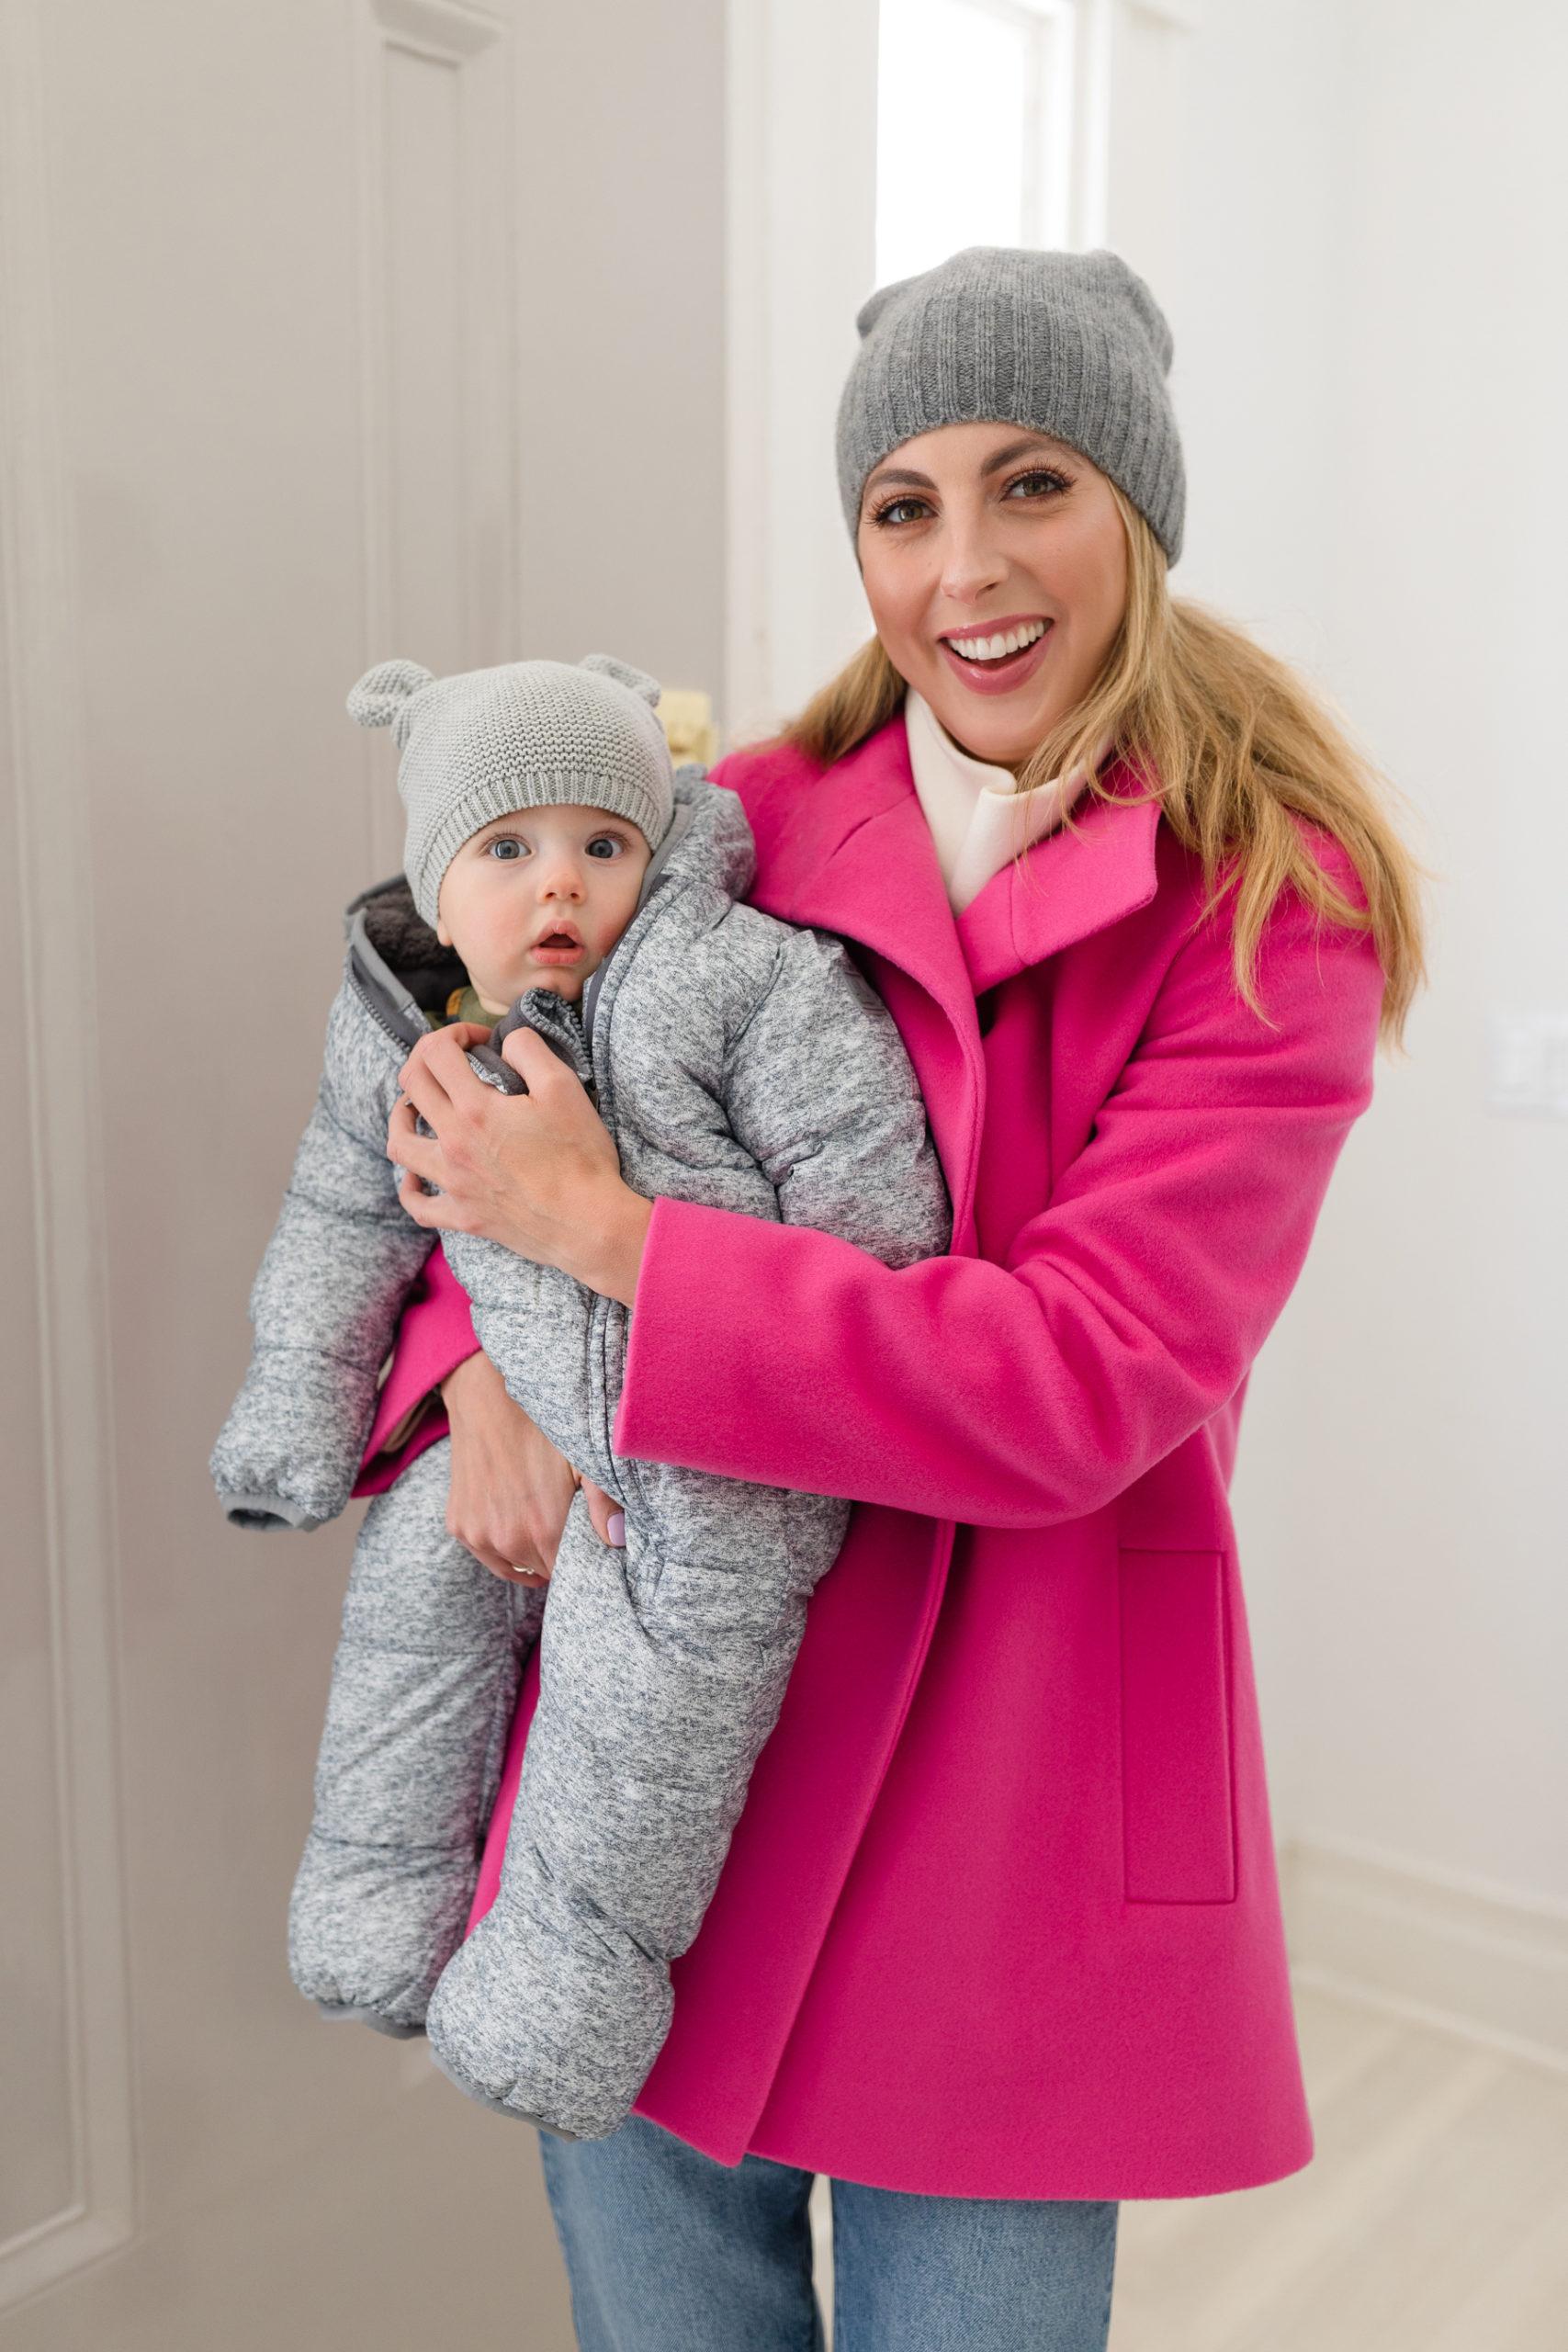 Eva Amurri shares her favorite winter gear for kids